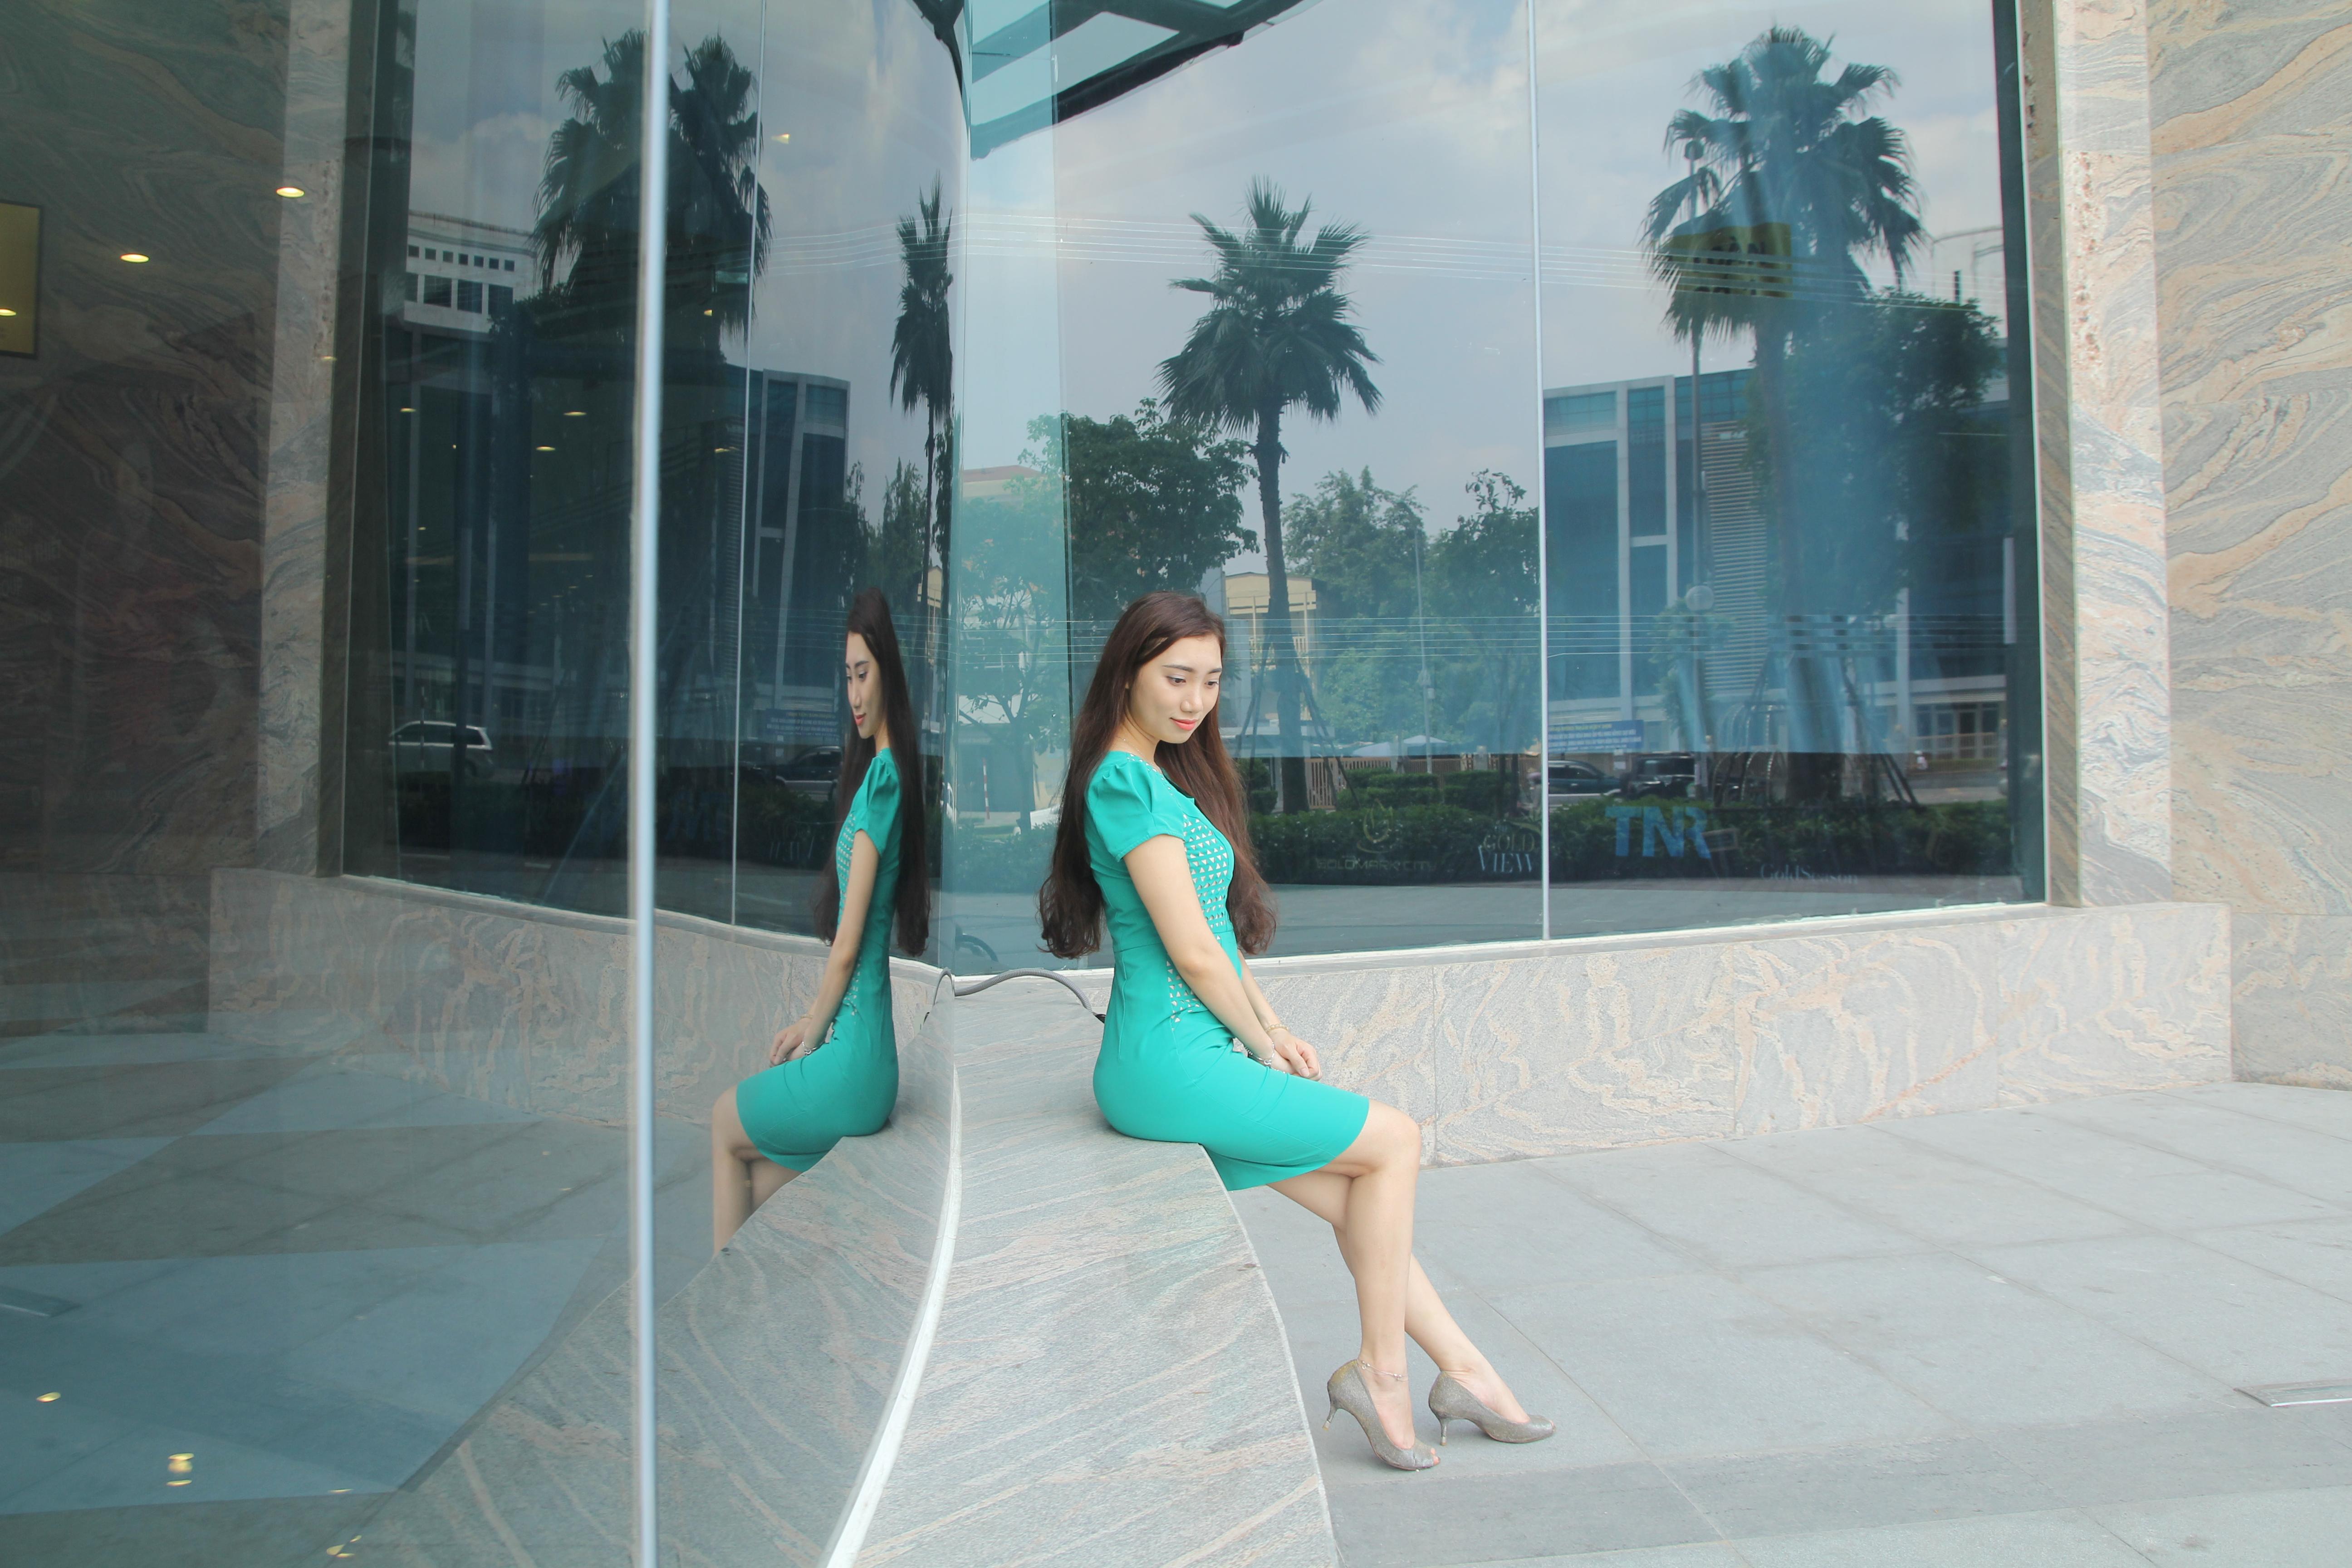 Ngọc Ánh nổi bật với váy ren màu xanh nước biển. Kiểu dáng ôm sát cùng màu sắc trang nhã giúp côtrở nên trẻ trung và thanh lịch hơn.